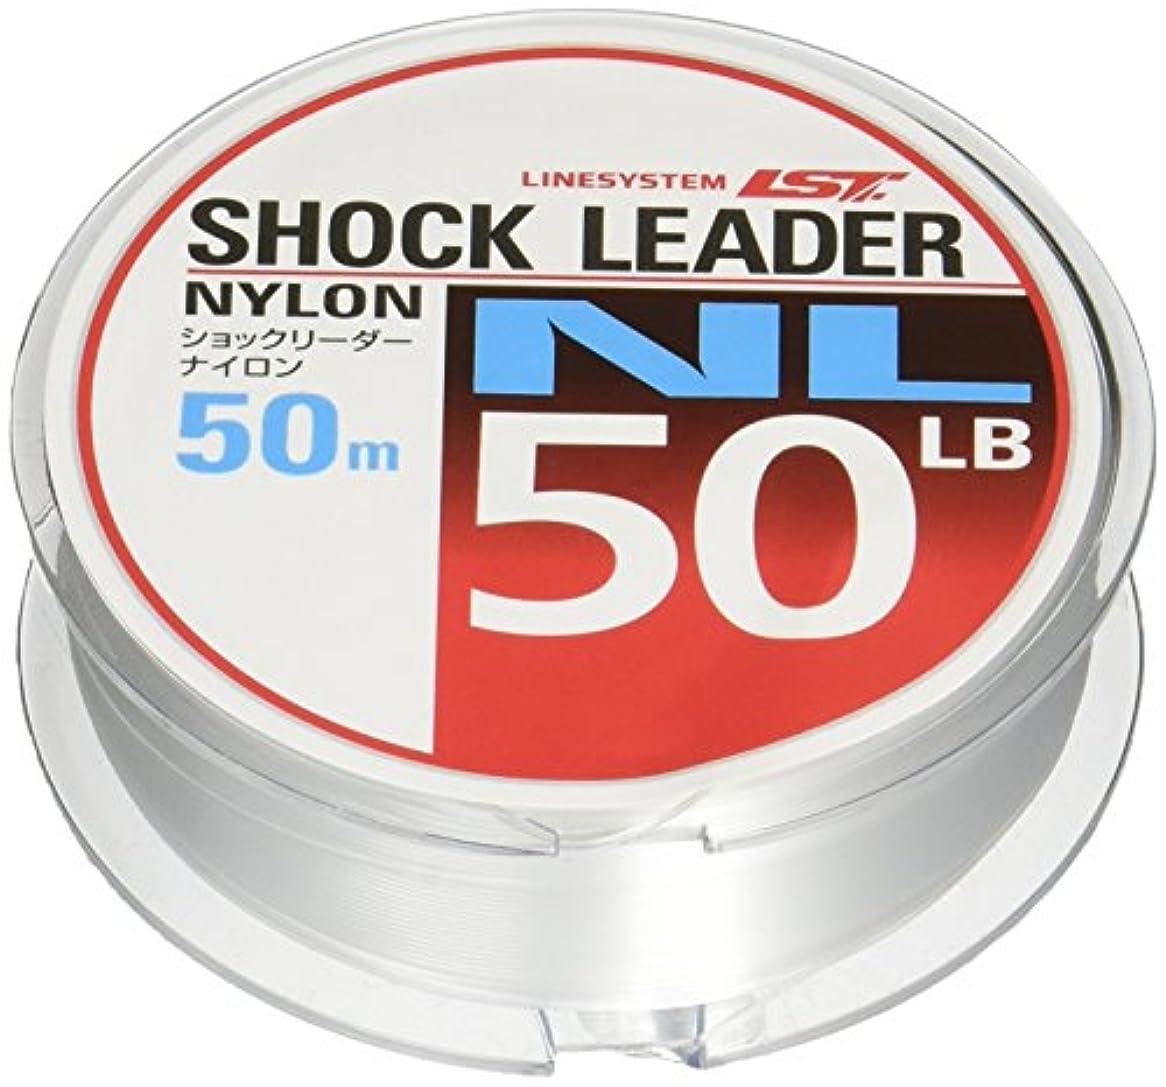 パンフェロー諸島ドラッグLINE SYSTEM(ラインシステム) ライン SHOCK LEADER NL 50m 50LB L4050C